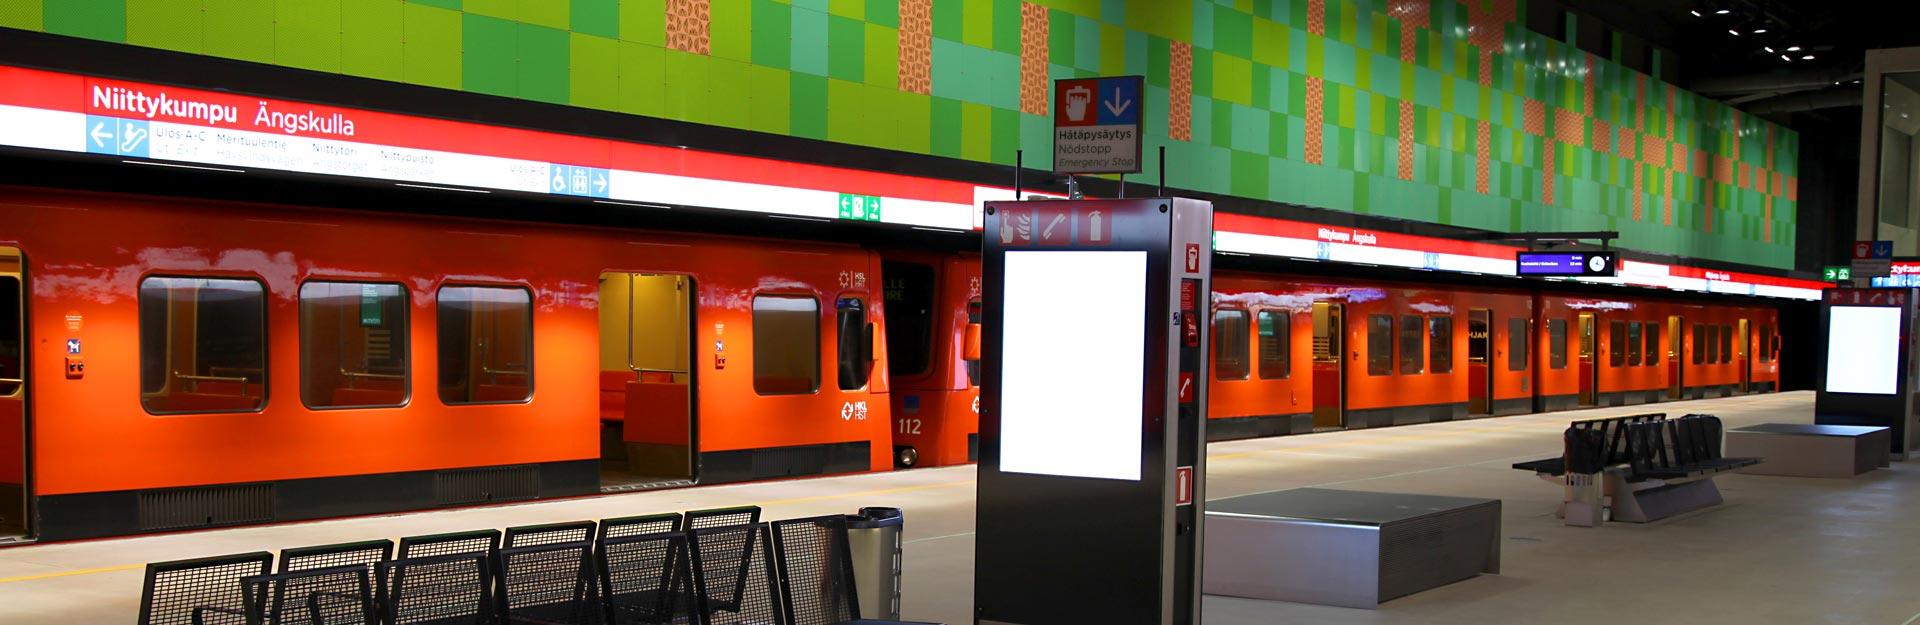 Станция метро Нииттюкумпу